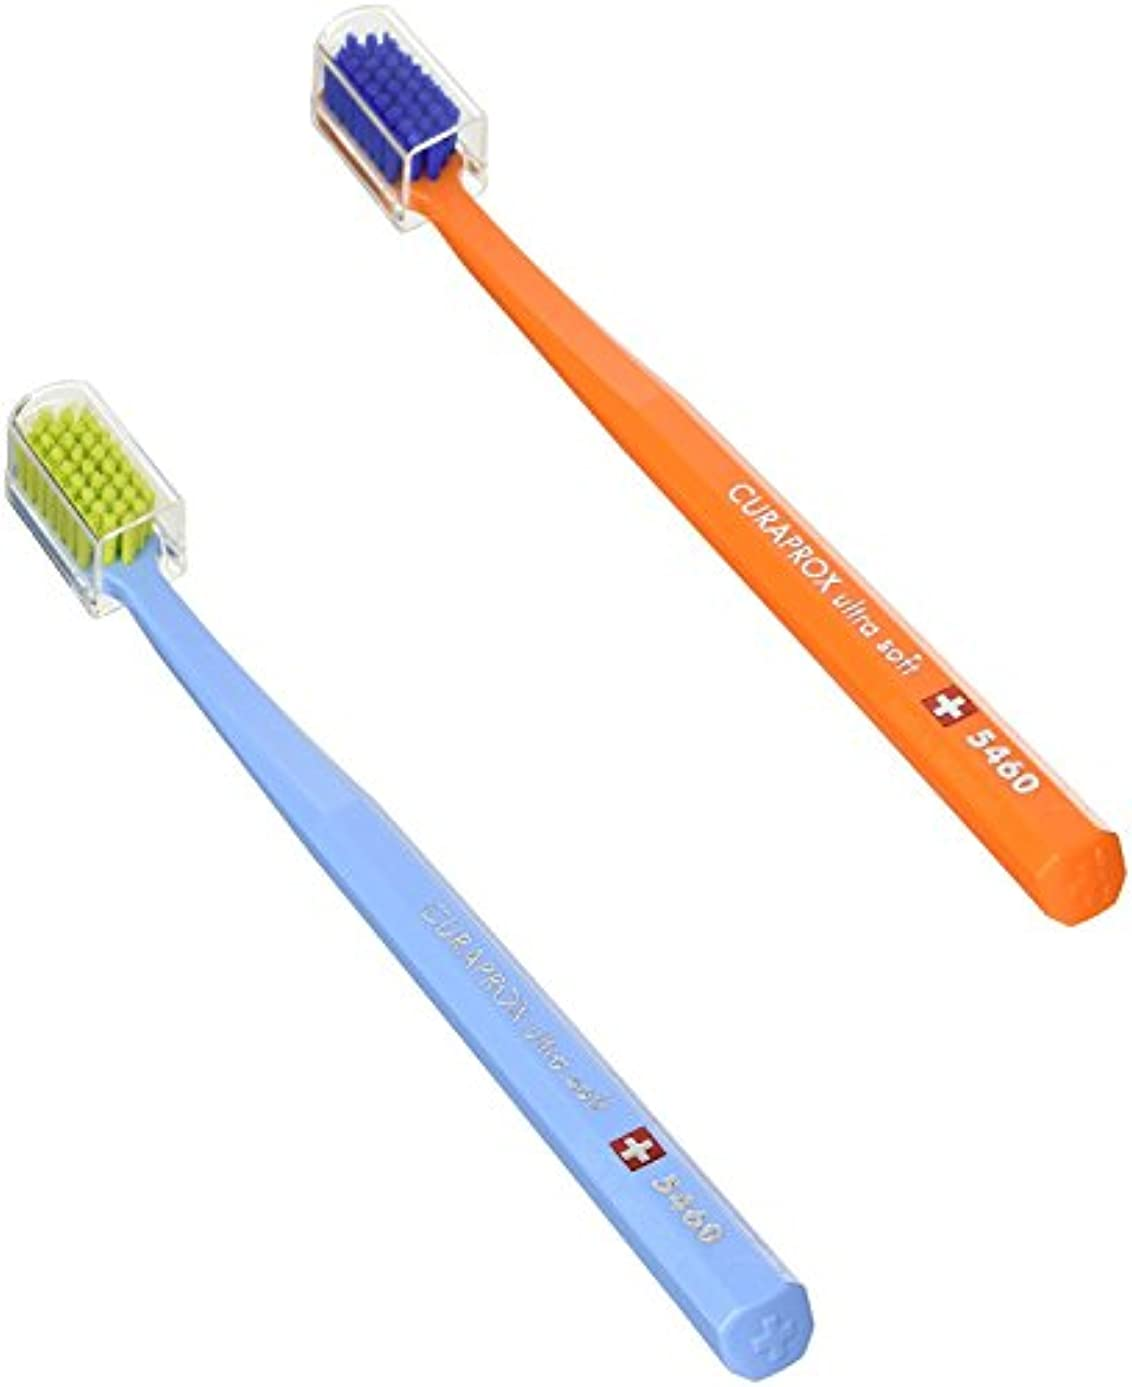 キュラプロックス 5460ウルトラソフト歯ブラシ 2本